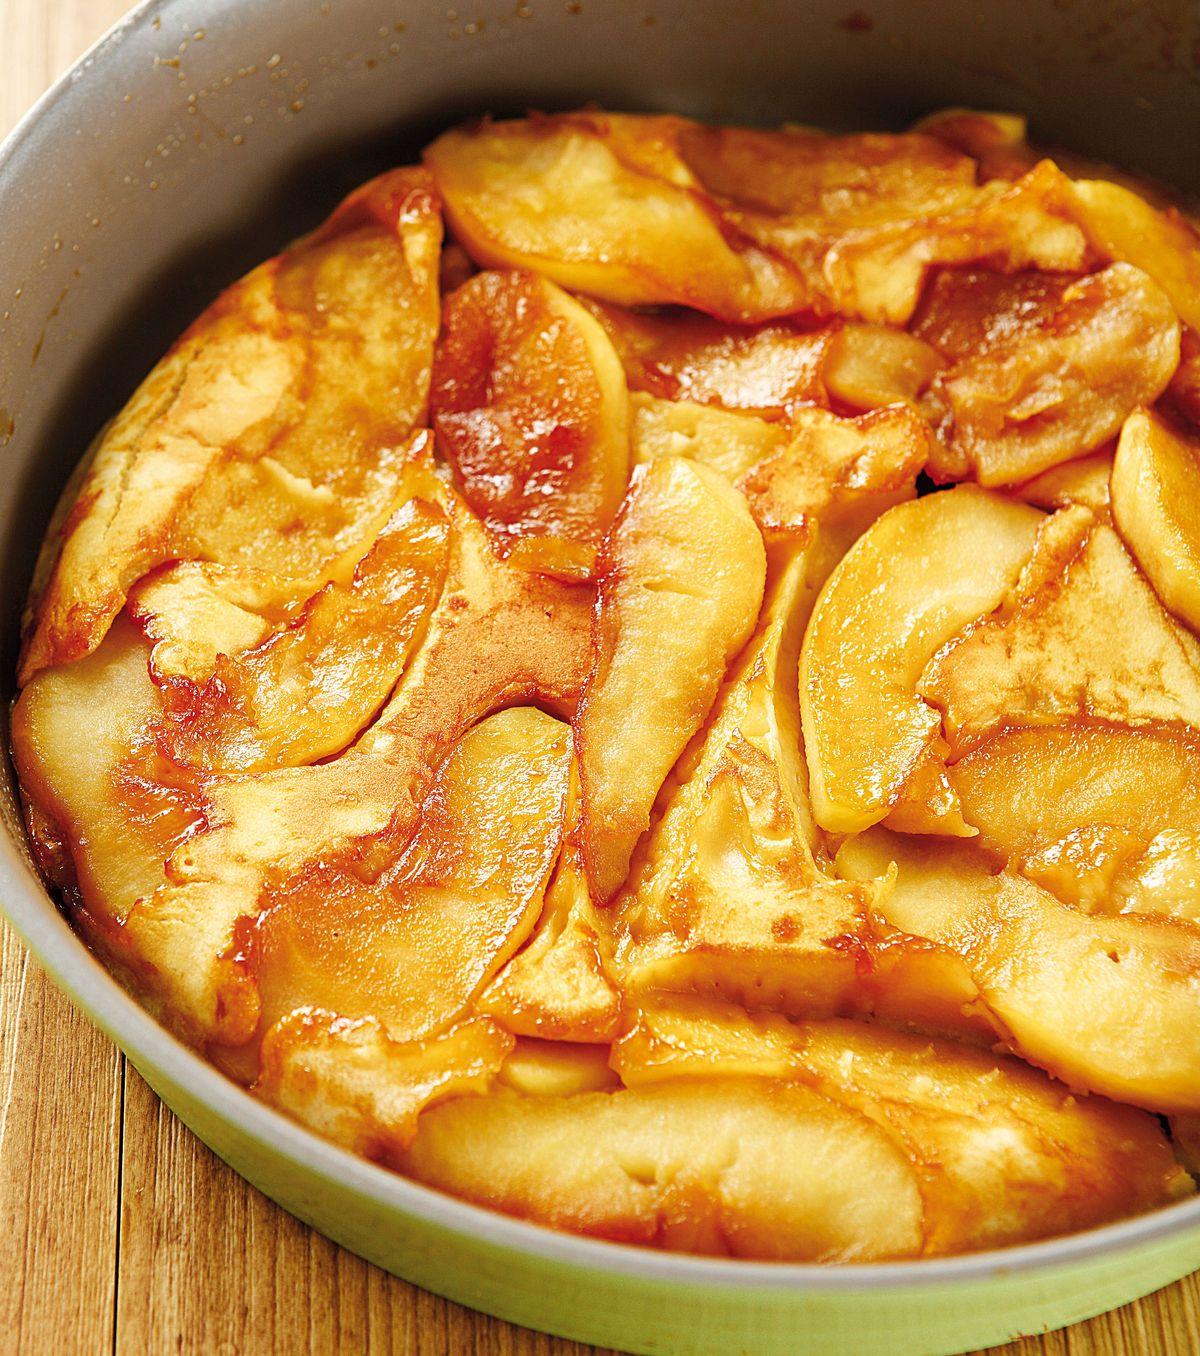 食譜:焦糖蘋果蛋糕